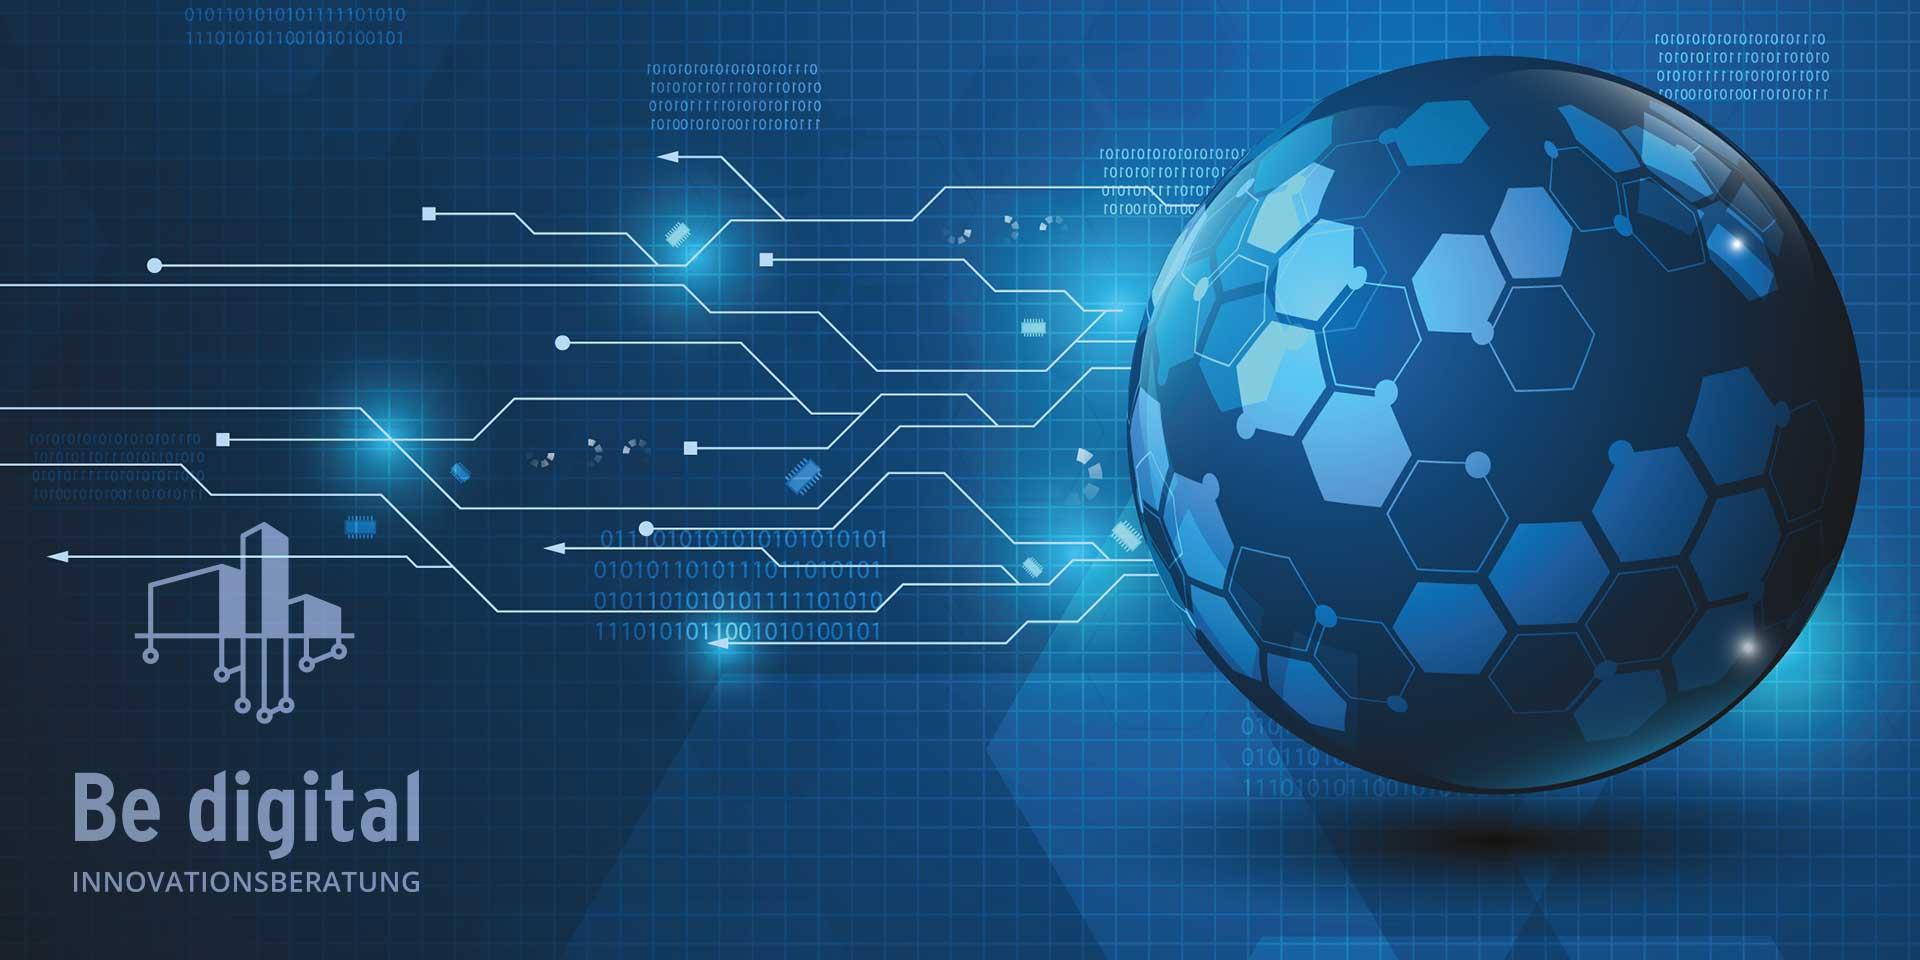 Unternehmensberatung Digitalisierung